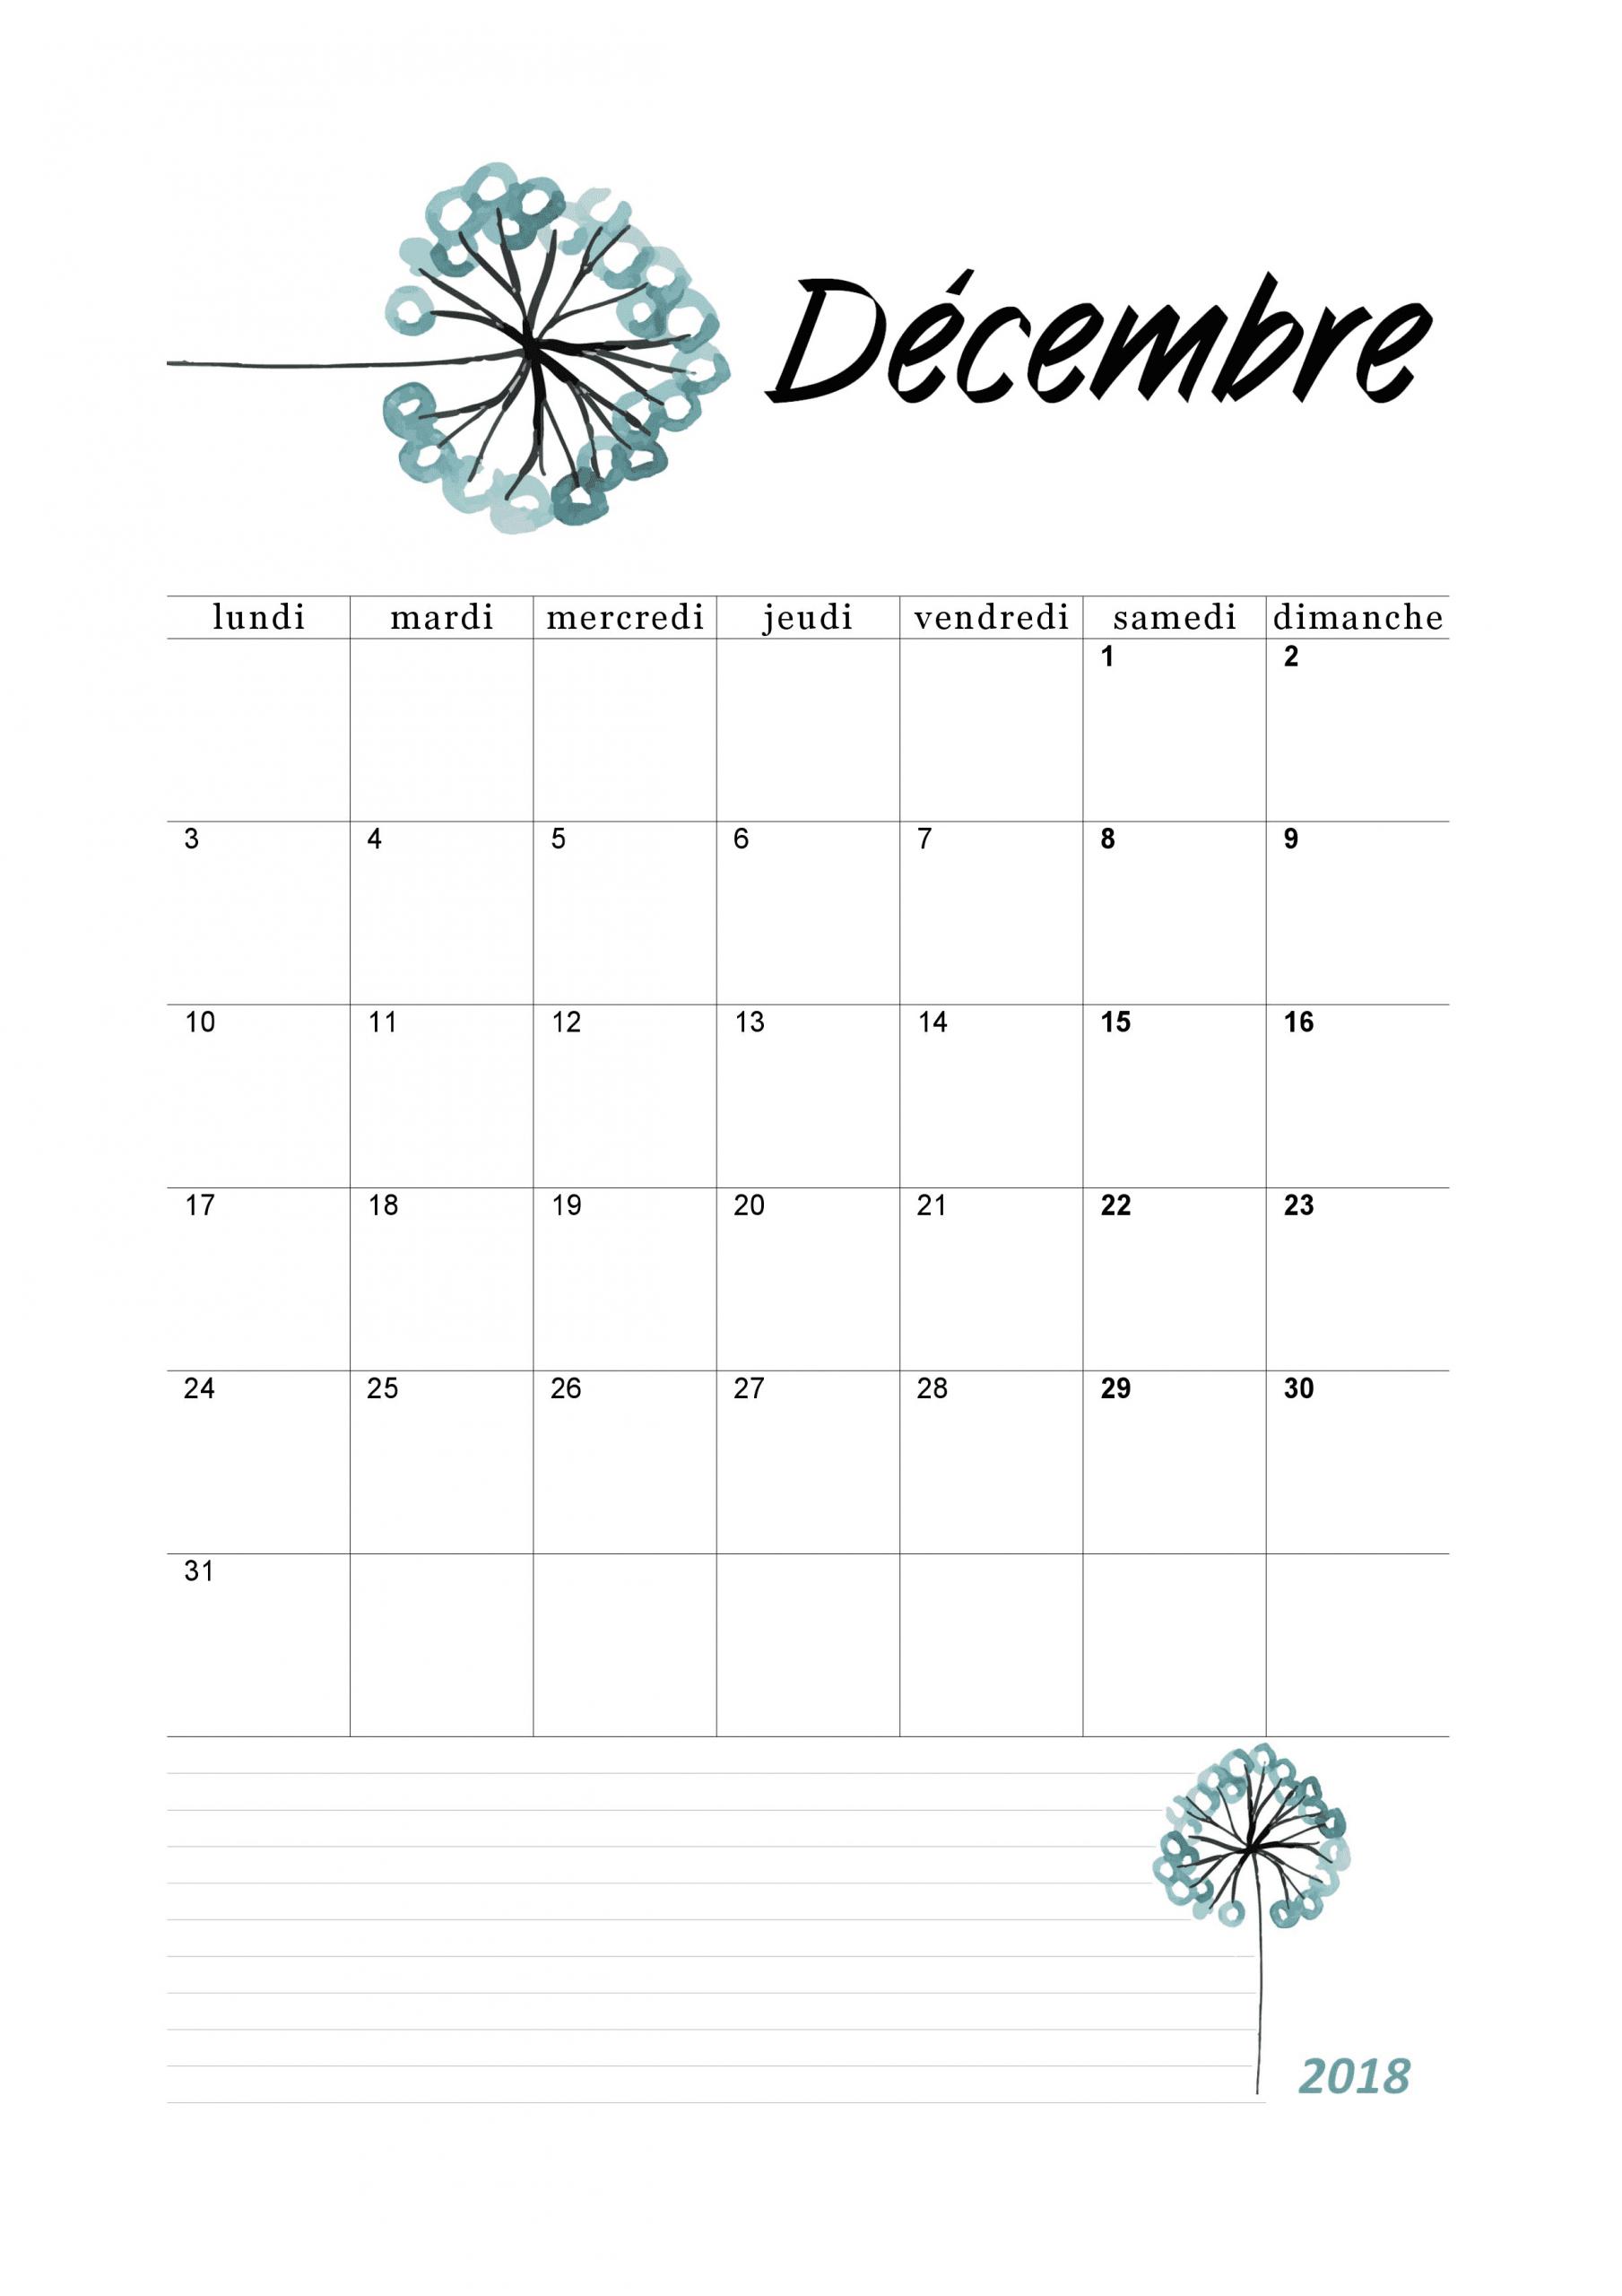 Calendrier Mensuel 2018 : Mois De Décembre | Calendrier tout Calendrier Annuel 2018 À Imprimer Gratuit